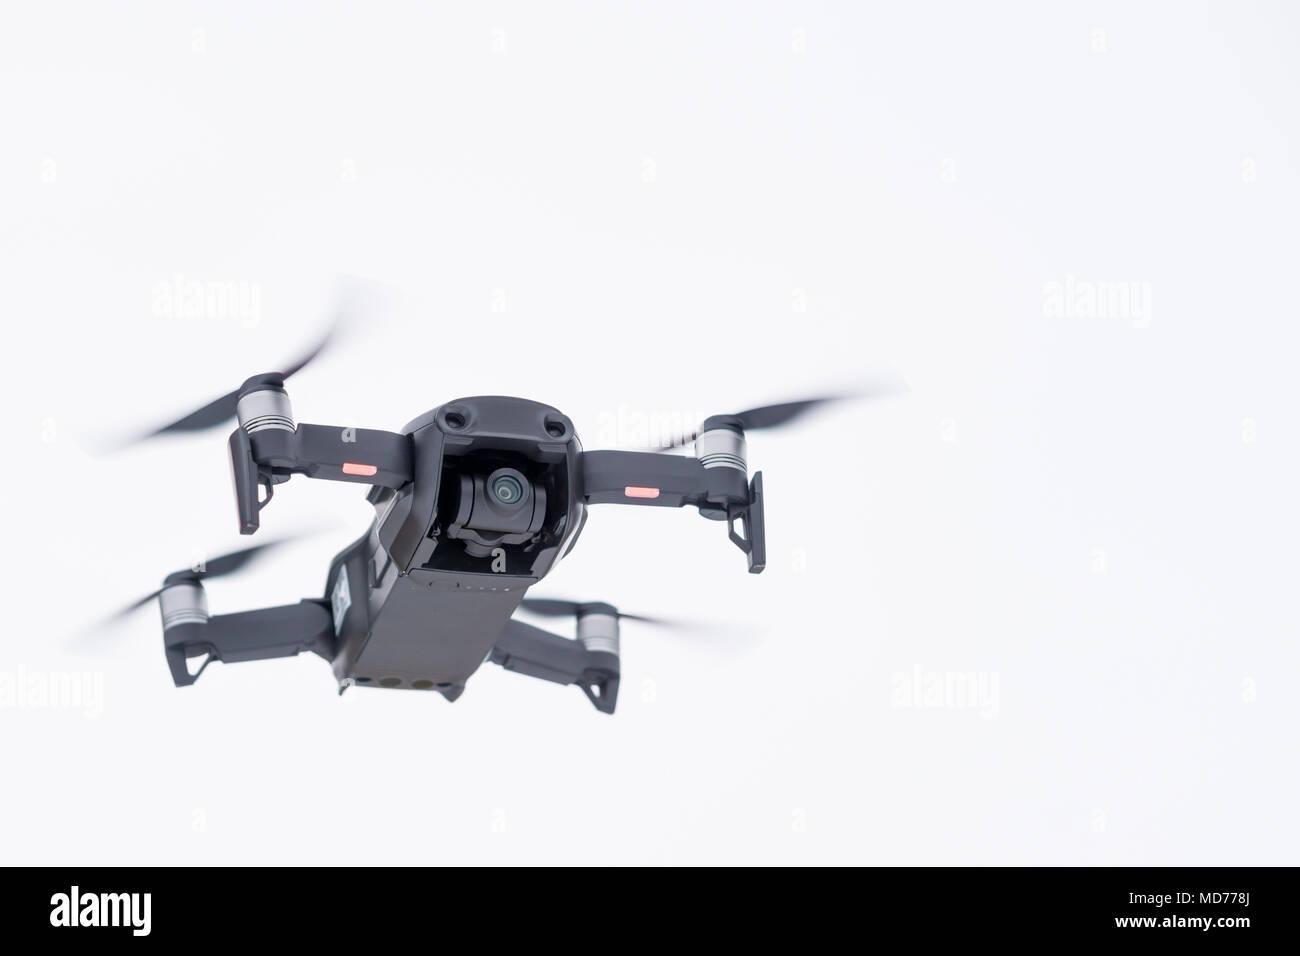 dronex pro review uk